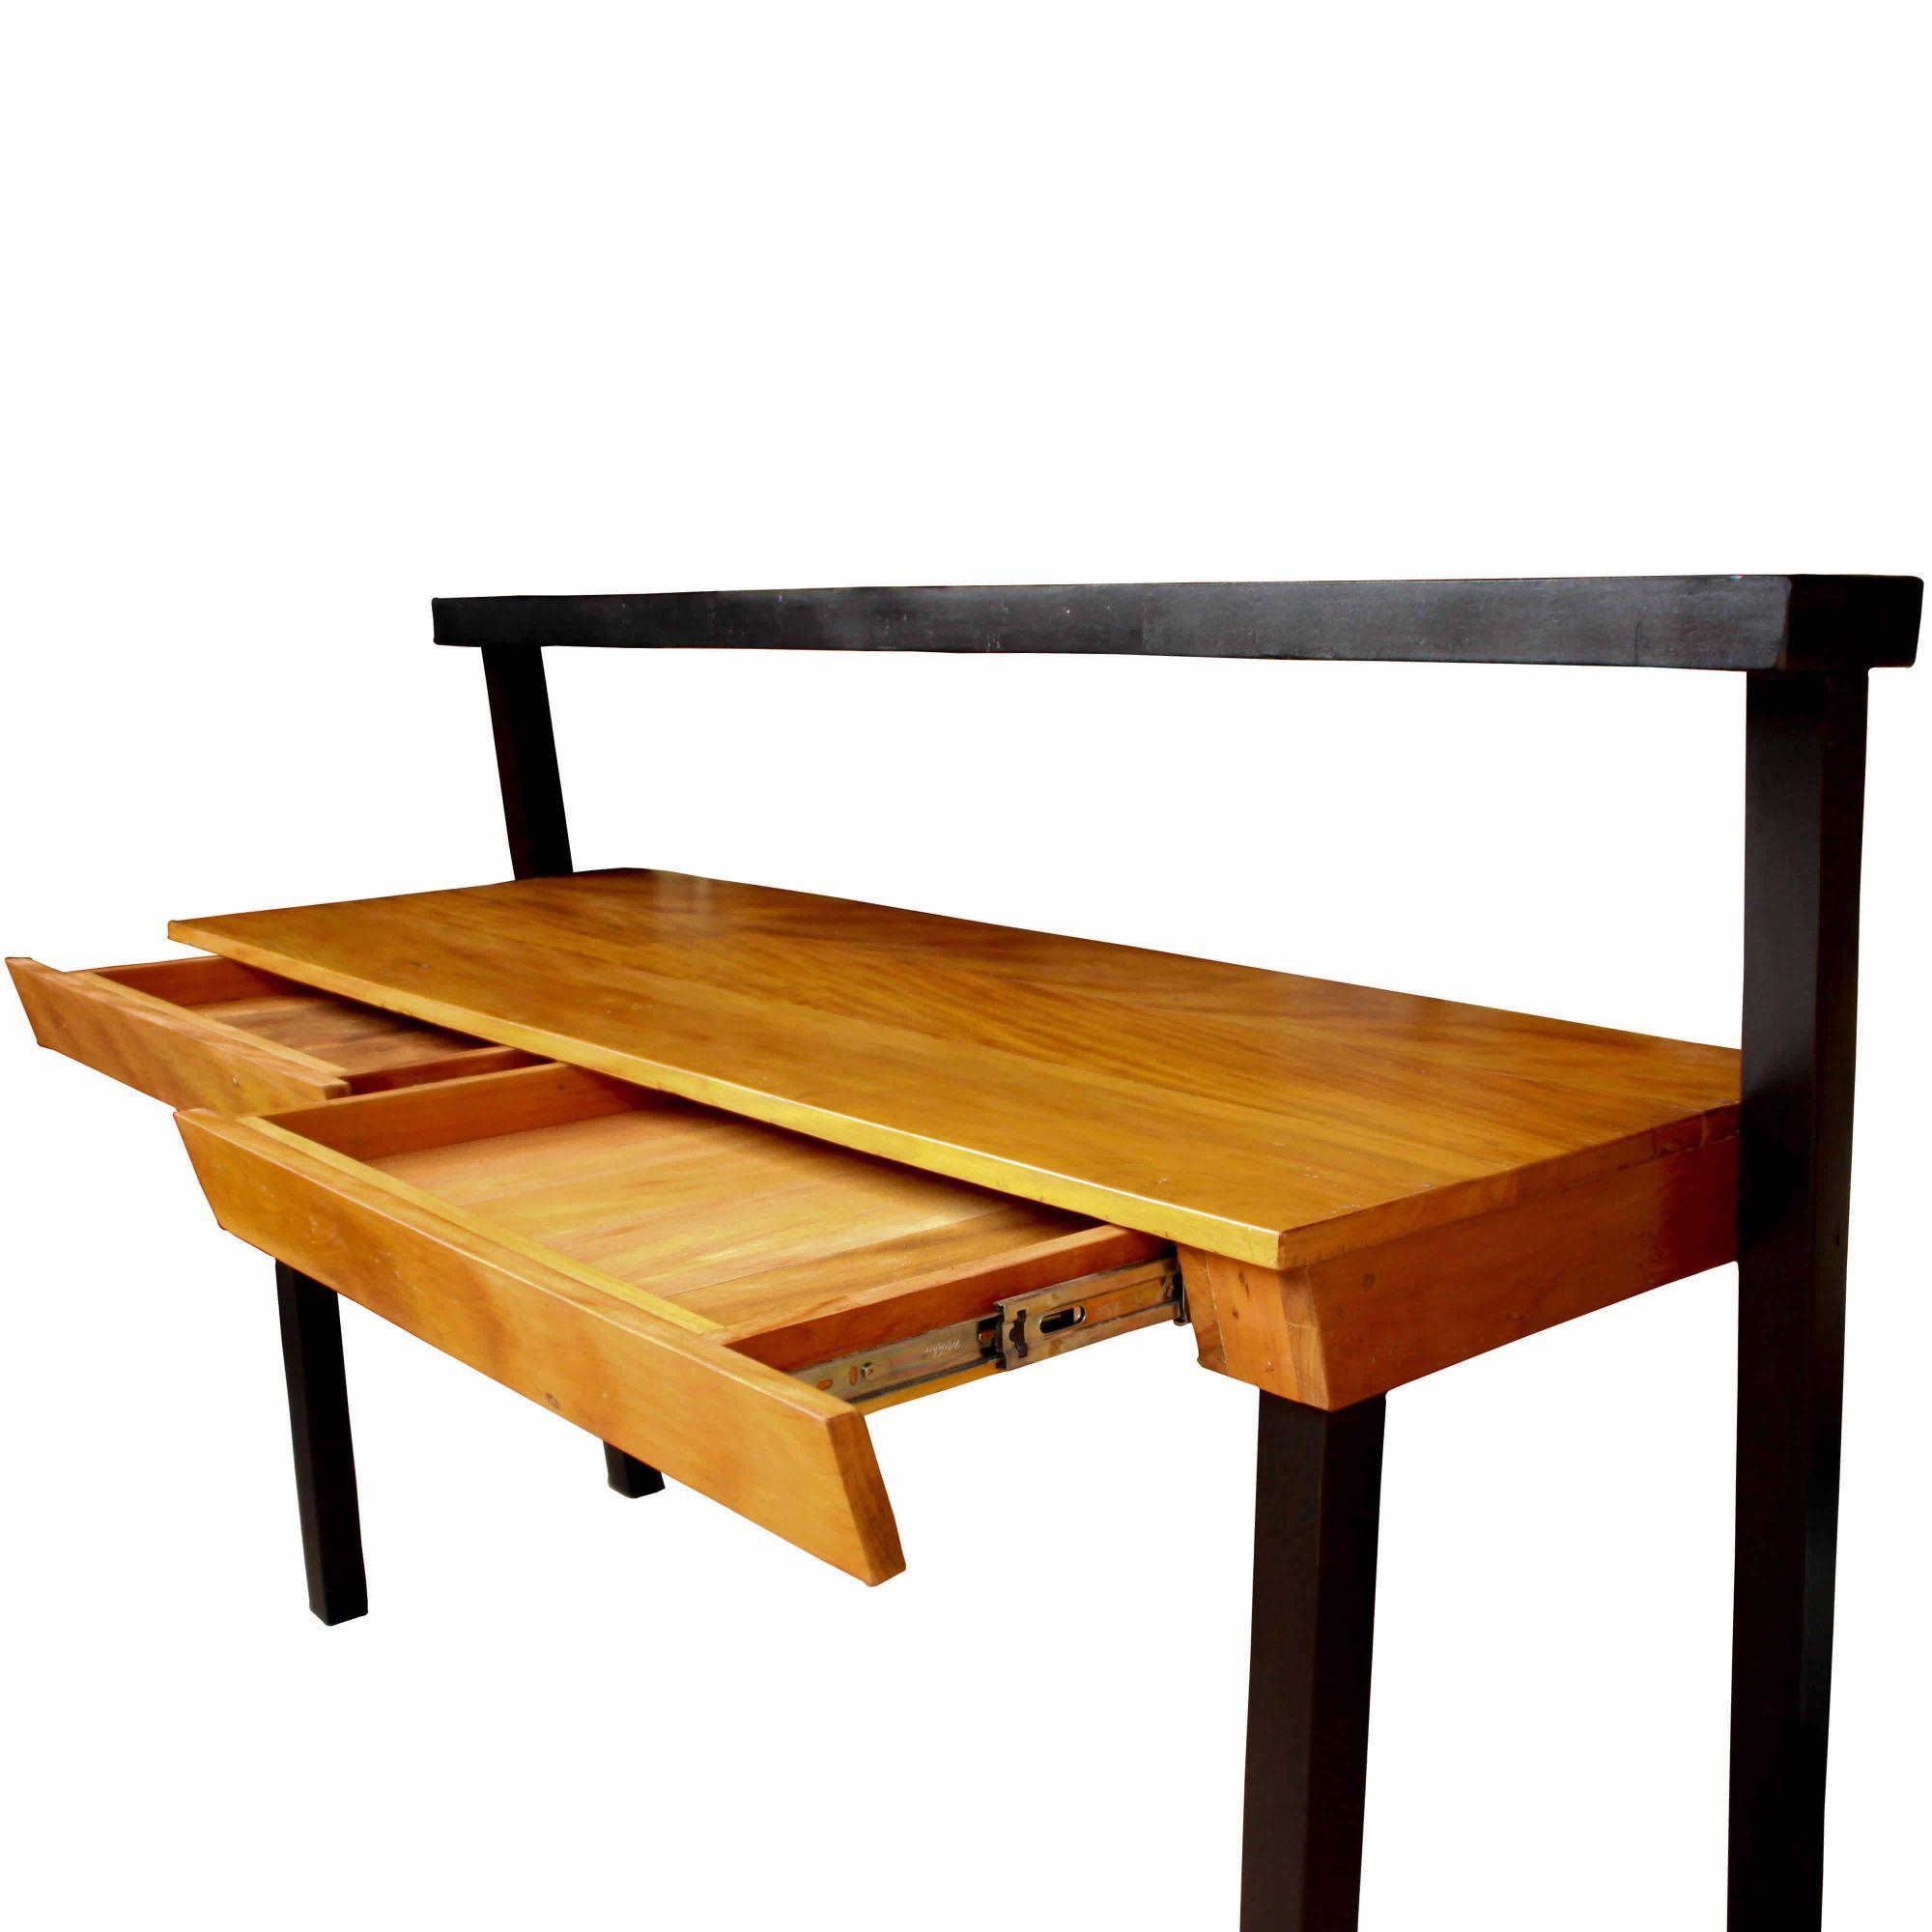 Escrivaninha em madeira de demolição com pés pretos 1,50x50x75